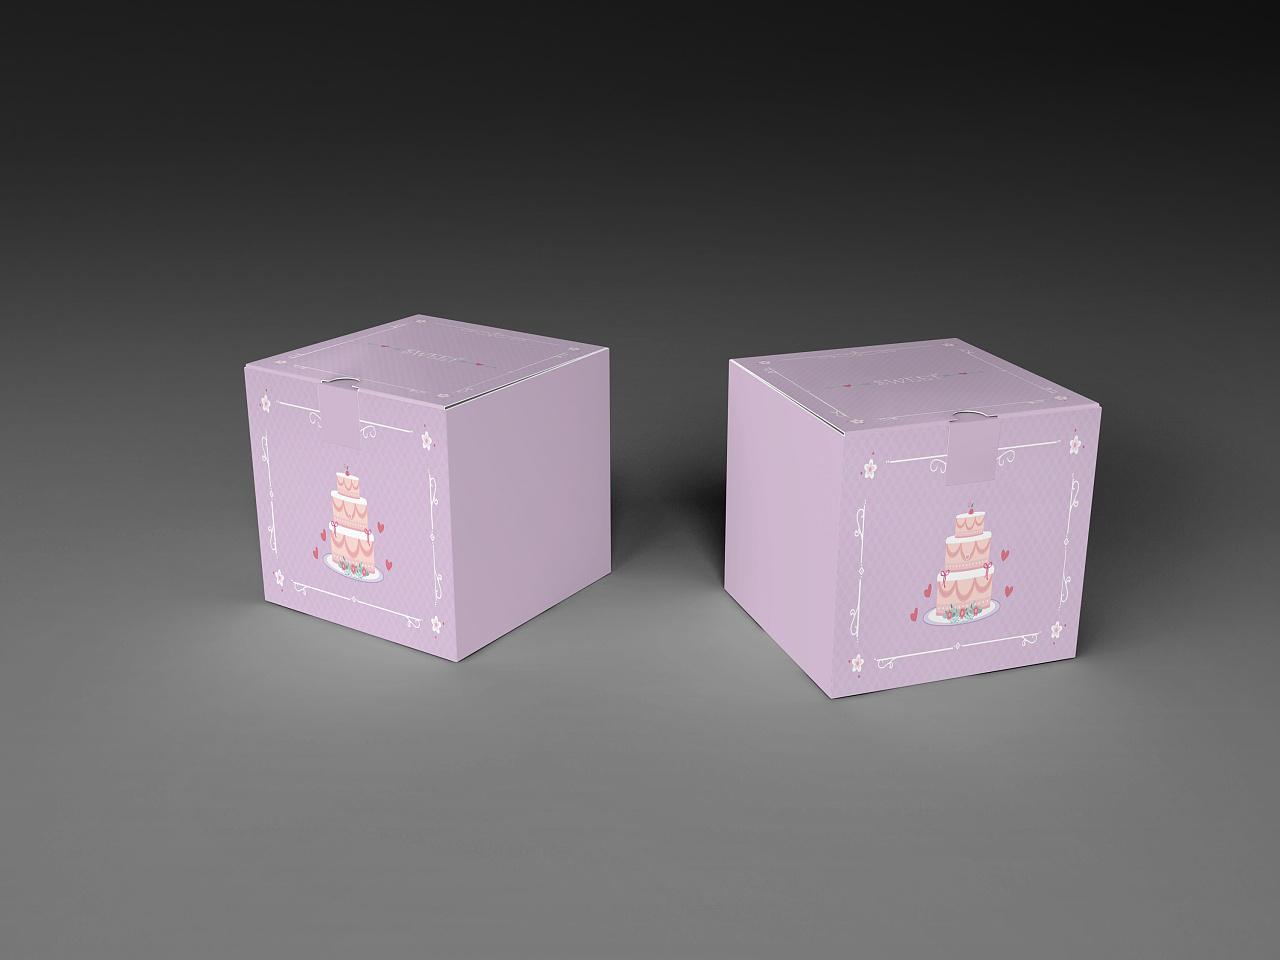 几款蛋糕盒设计图